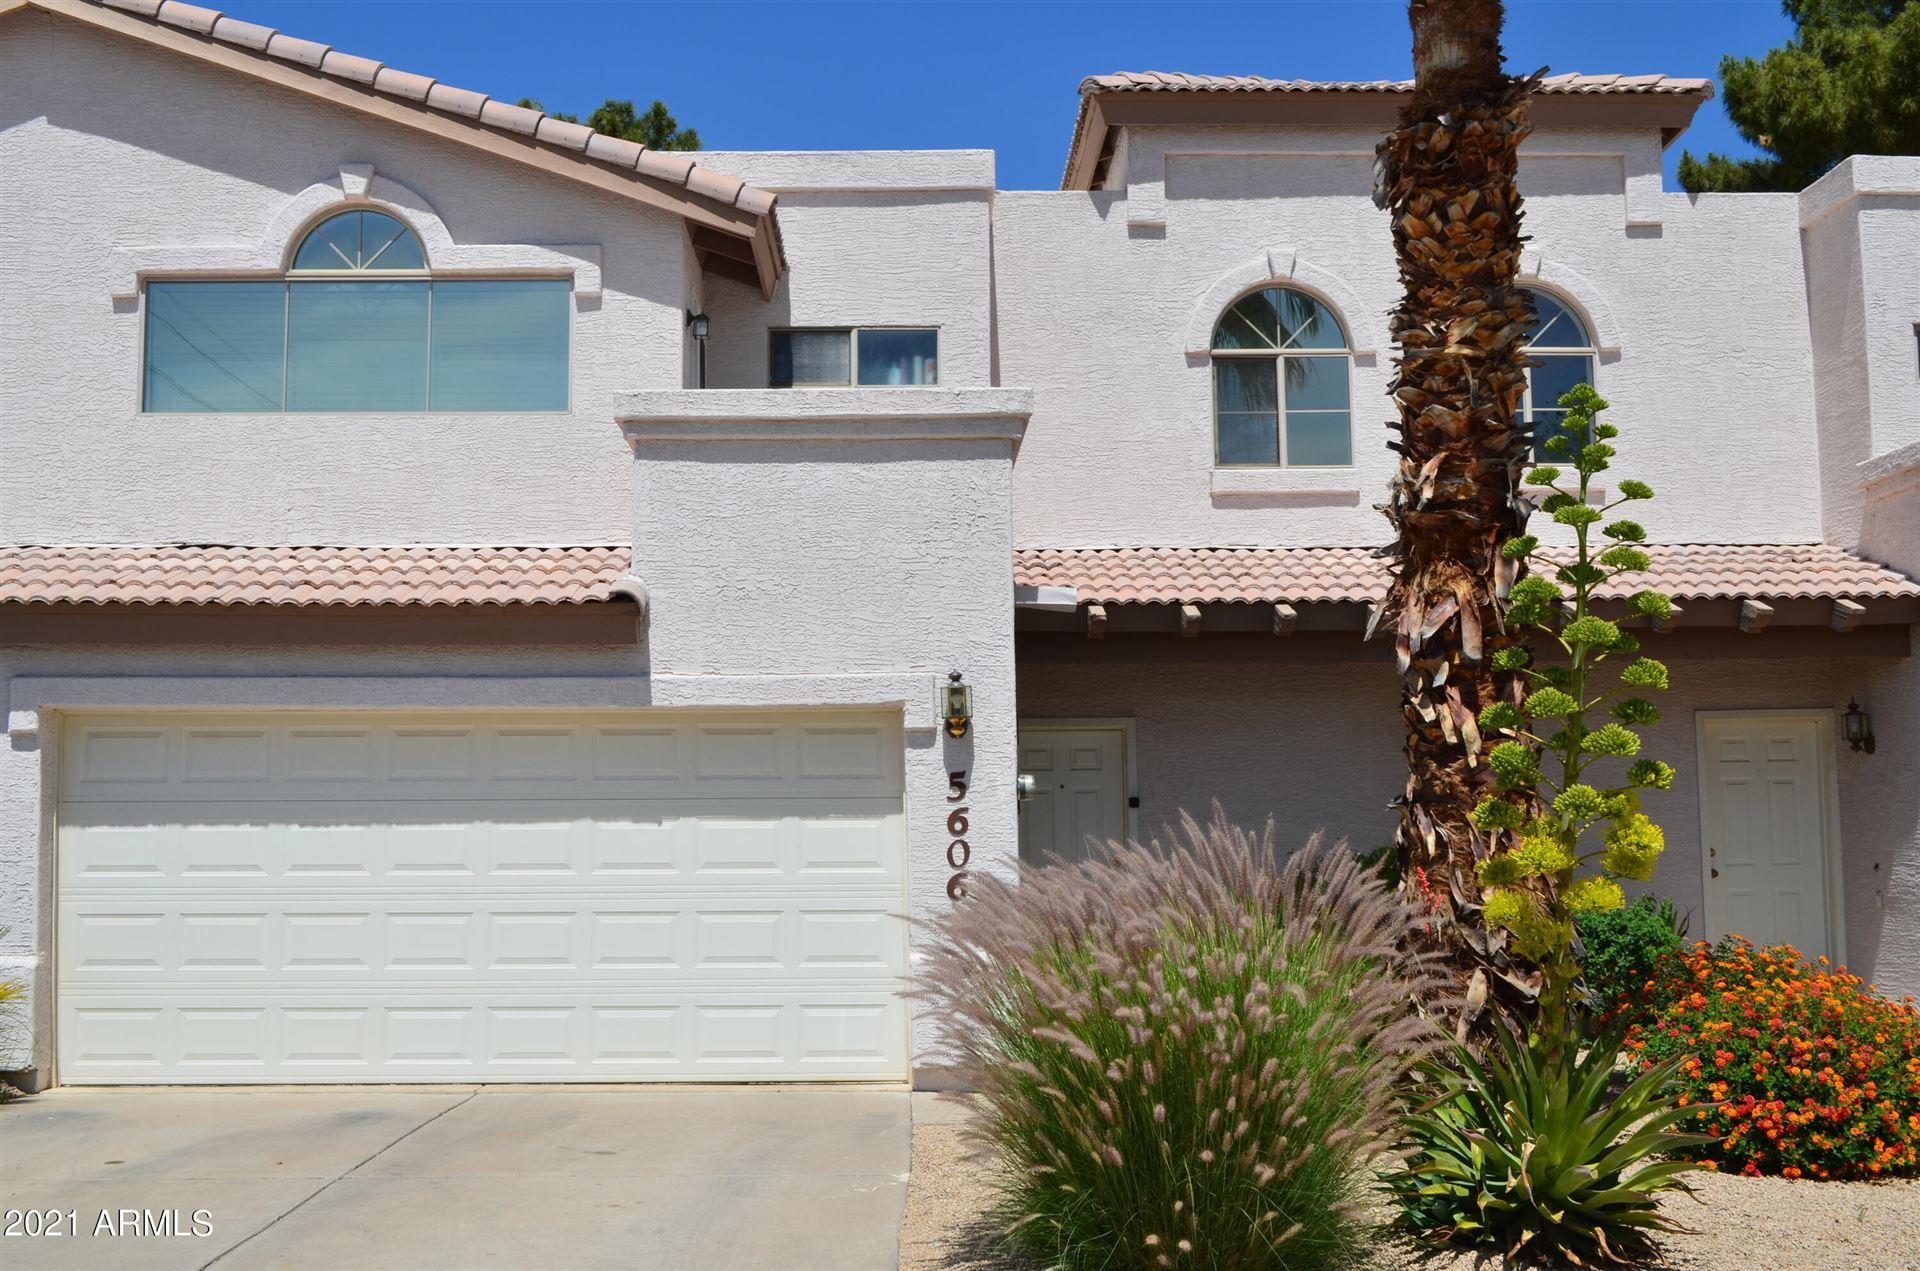 5606 E KELTON Lane, Scottsdale, AZ 85254 - MLS#: 6220464